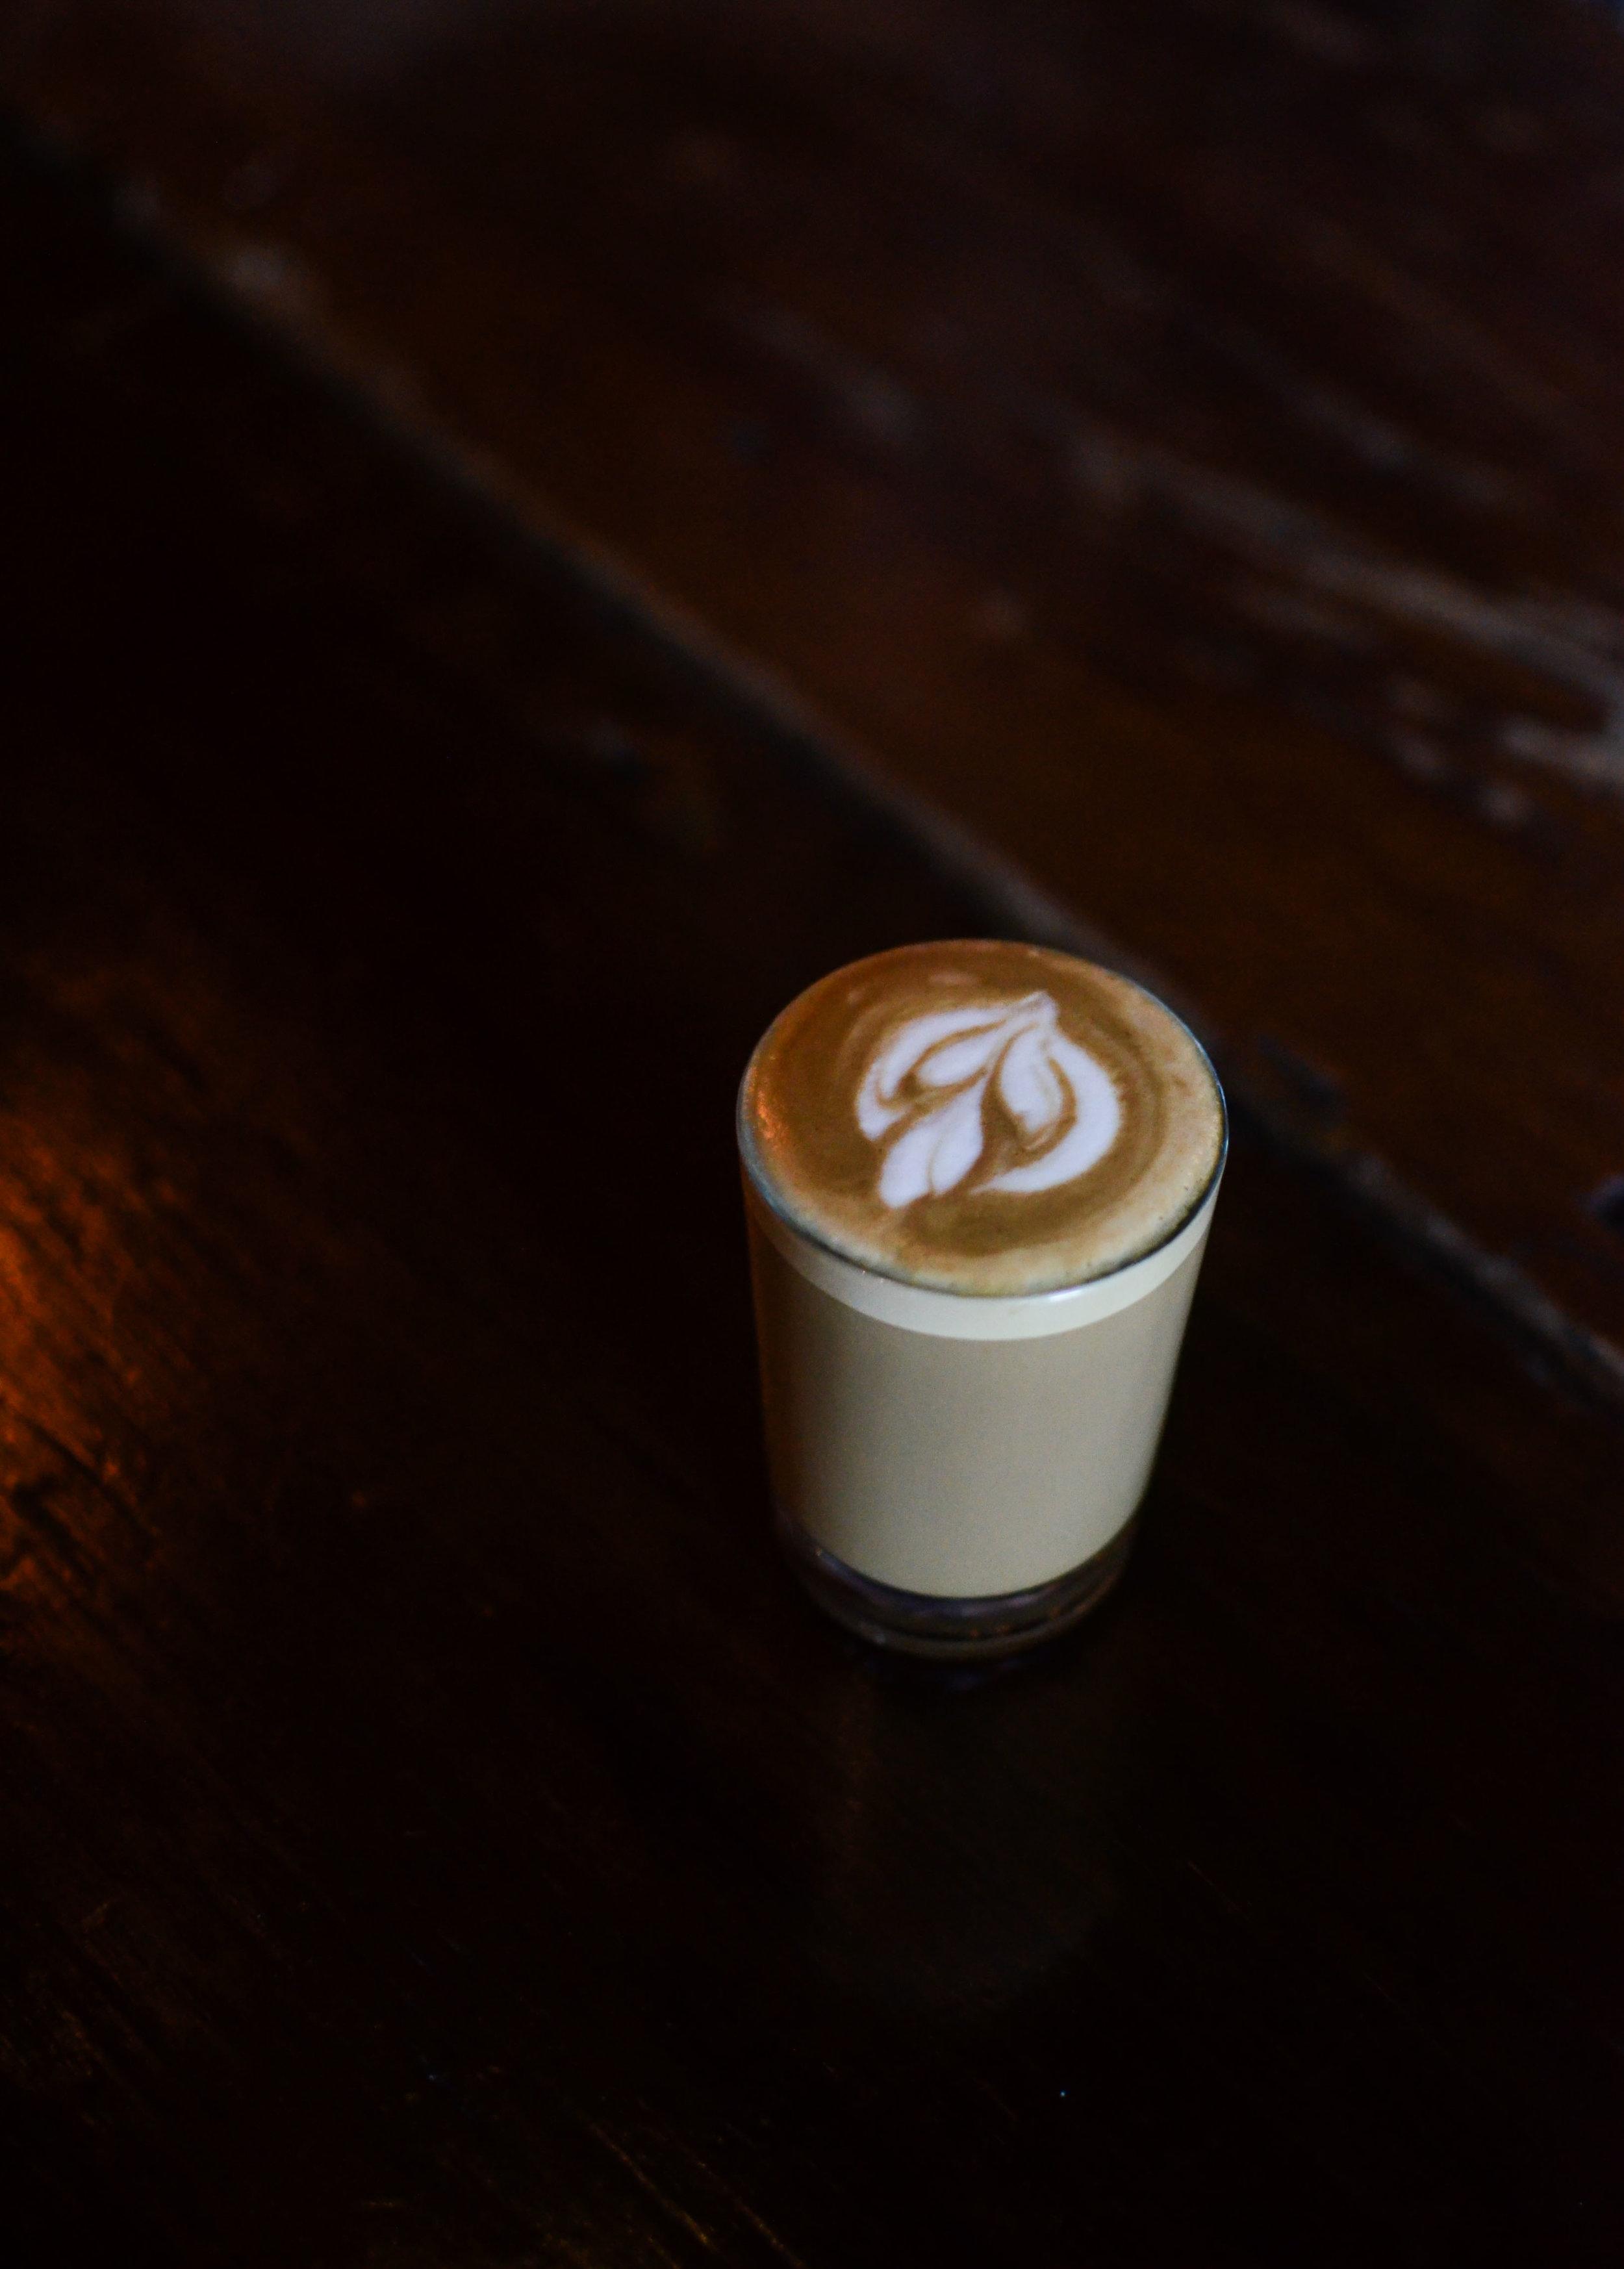 Wendling_Boyd_Barista_Parlor_Craft_Coffee_Culture-13.jpg